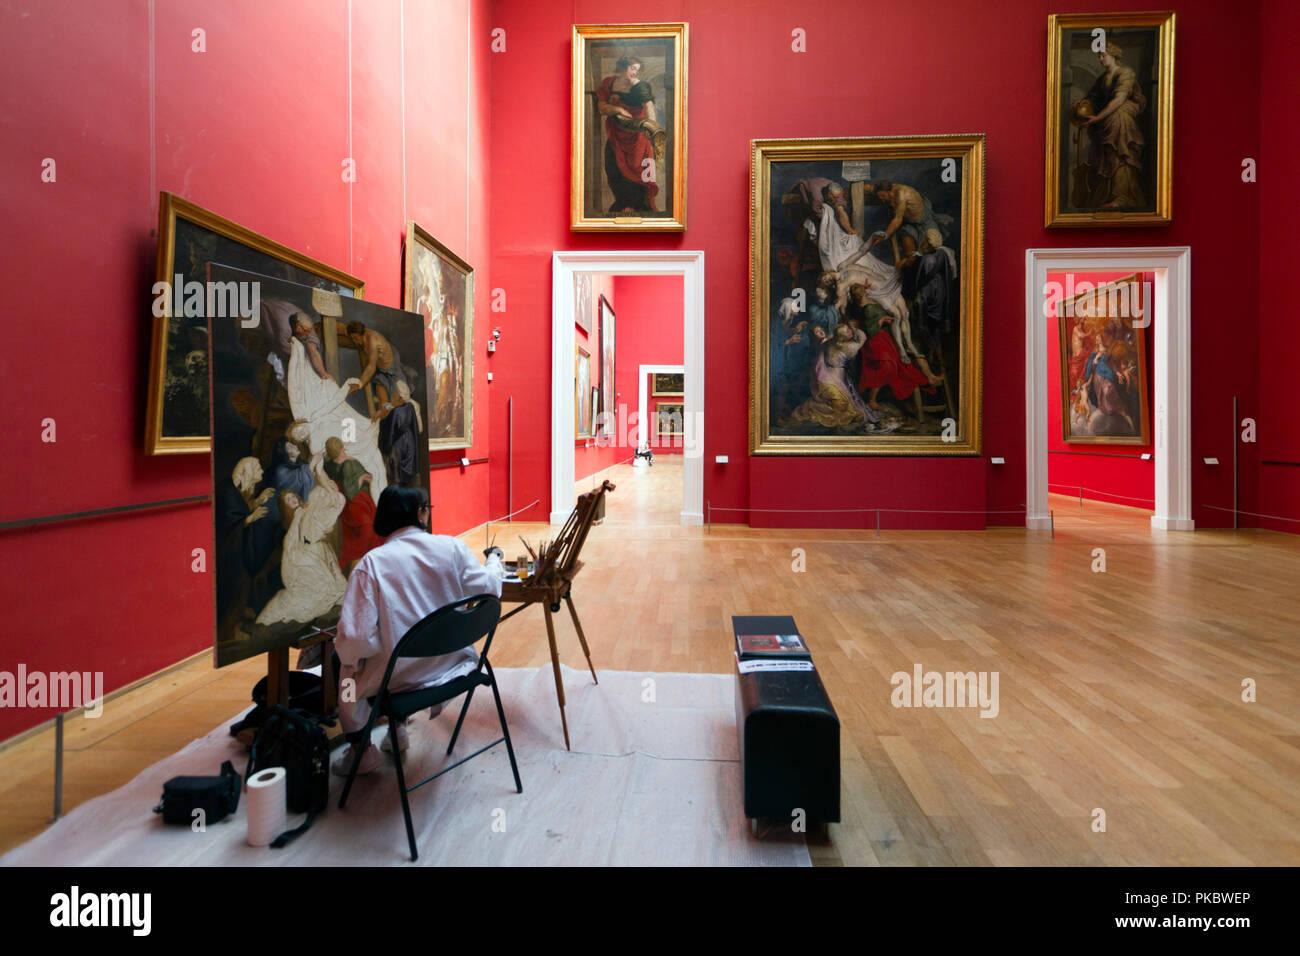 Copie de « La Descente de Croix » de Rubens, réalisée au Palais des Beaux-Arts de Lille devant l'oeuvre originale. - Stock Image